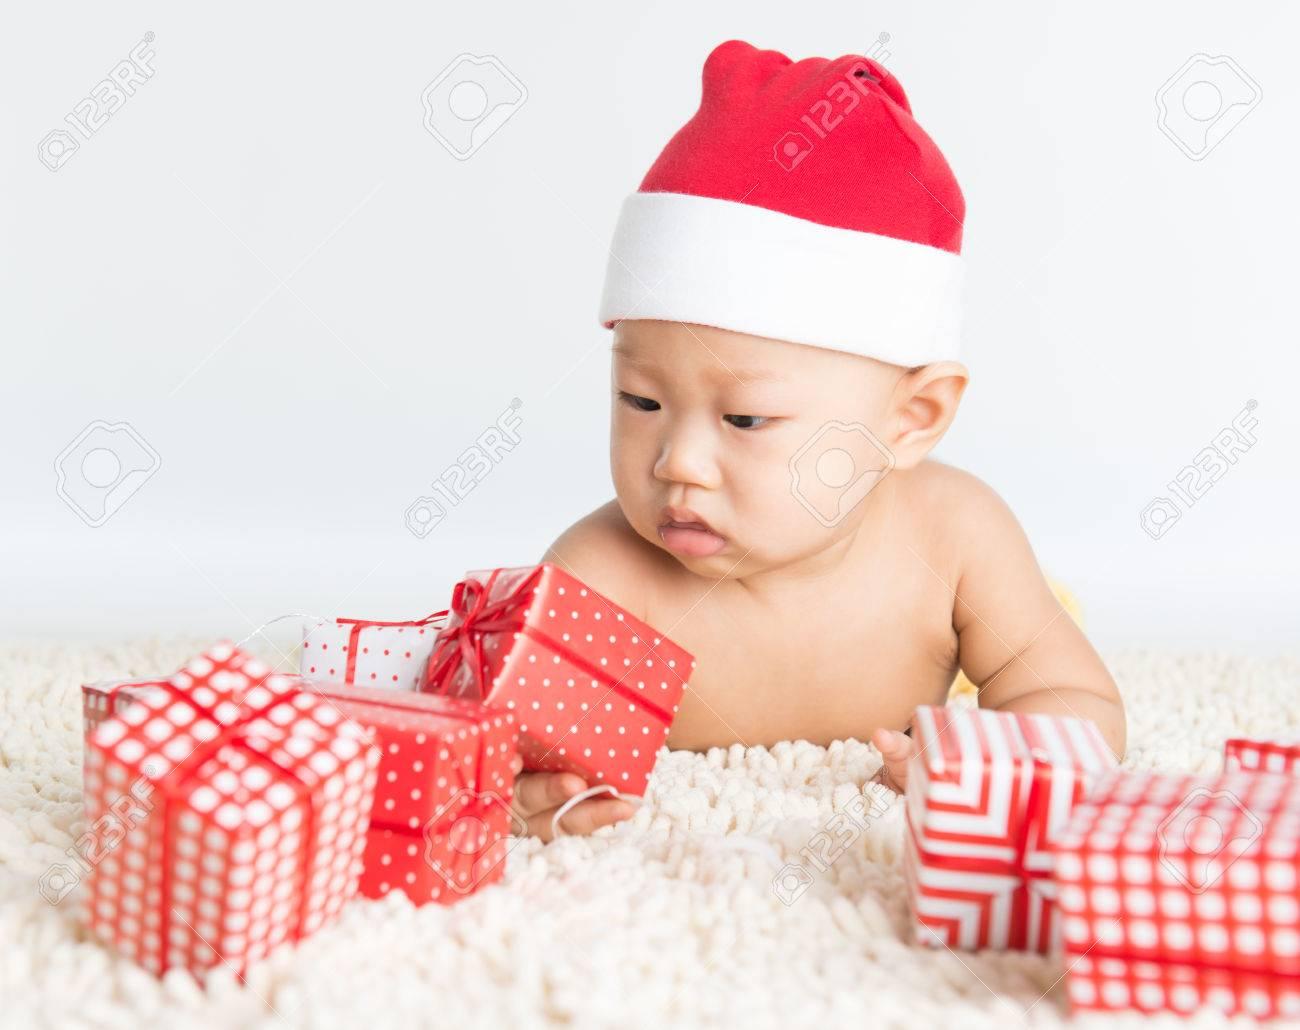 Asiatisches Baby Mit Nikolausmütze Spielen Mit Weihnachtsgeschenk ...